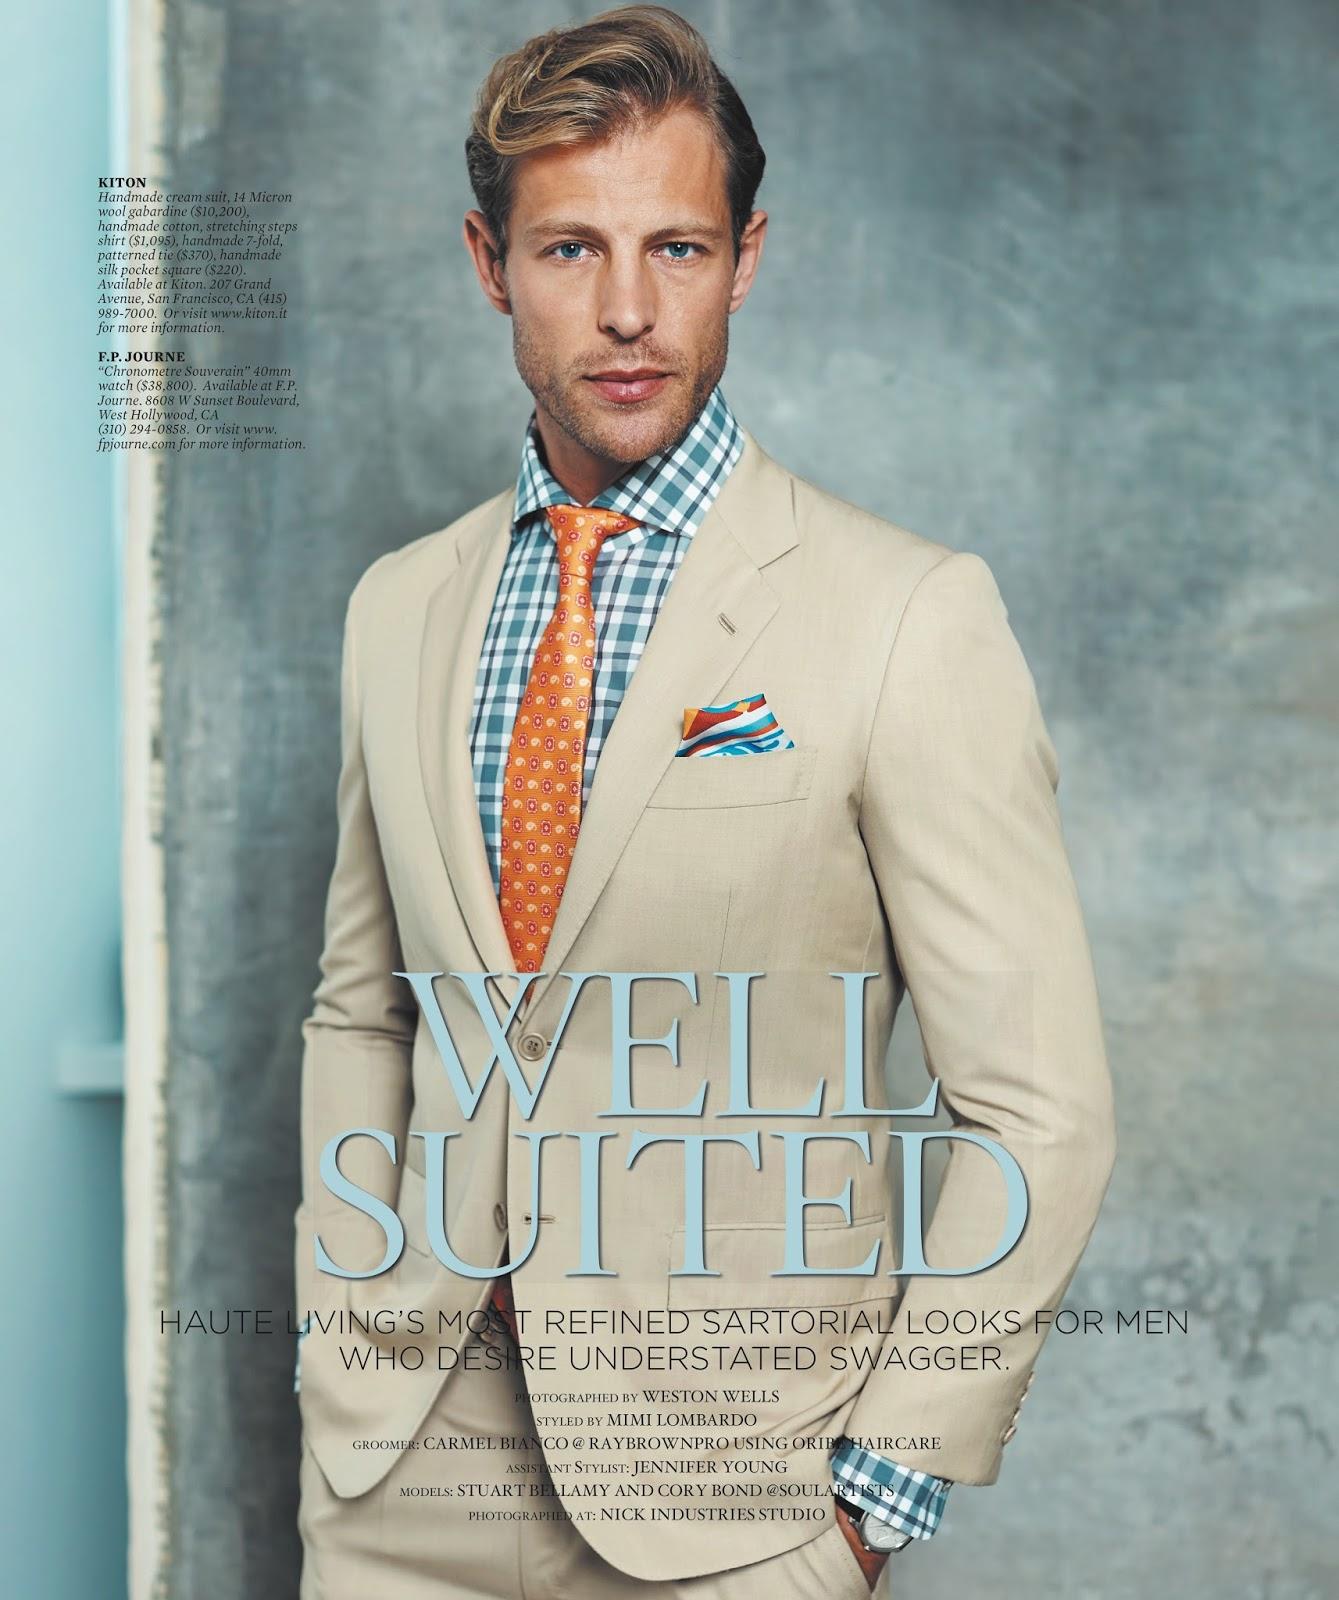 cory bond   stuart bellamy model sharp suiting for haute living